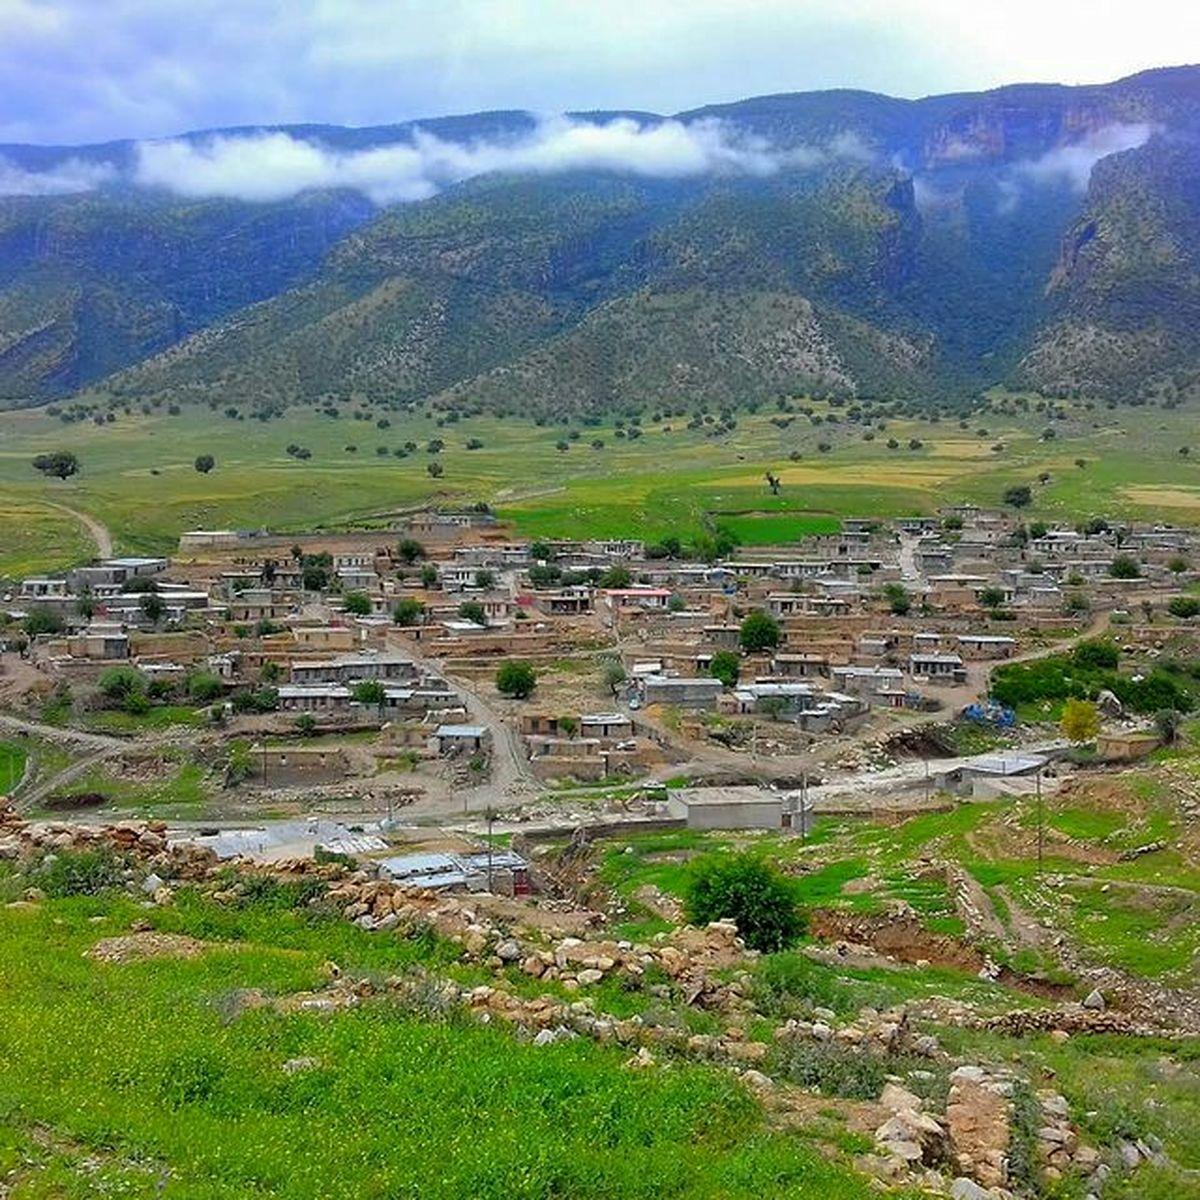 آب در کوزه و ما تشنه لبان می گردیم/ اهالی سفلی روستای حسن گاوداری را دریابید